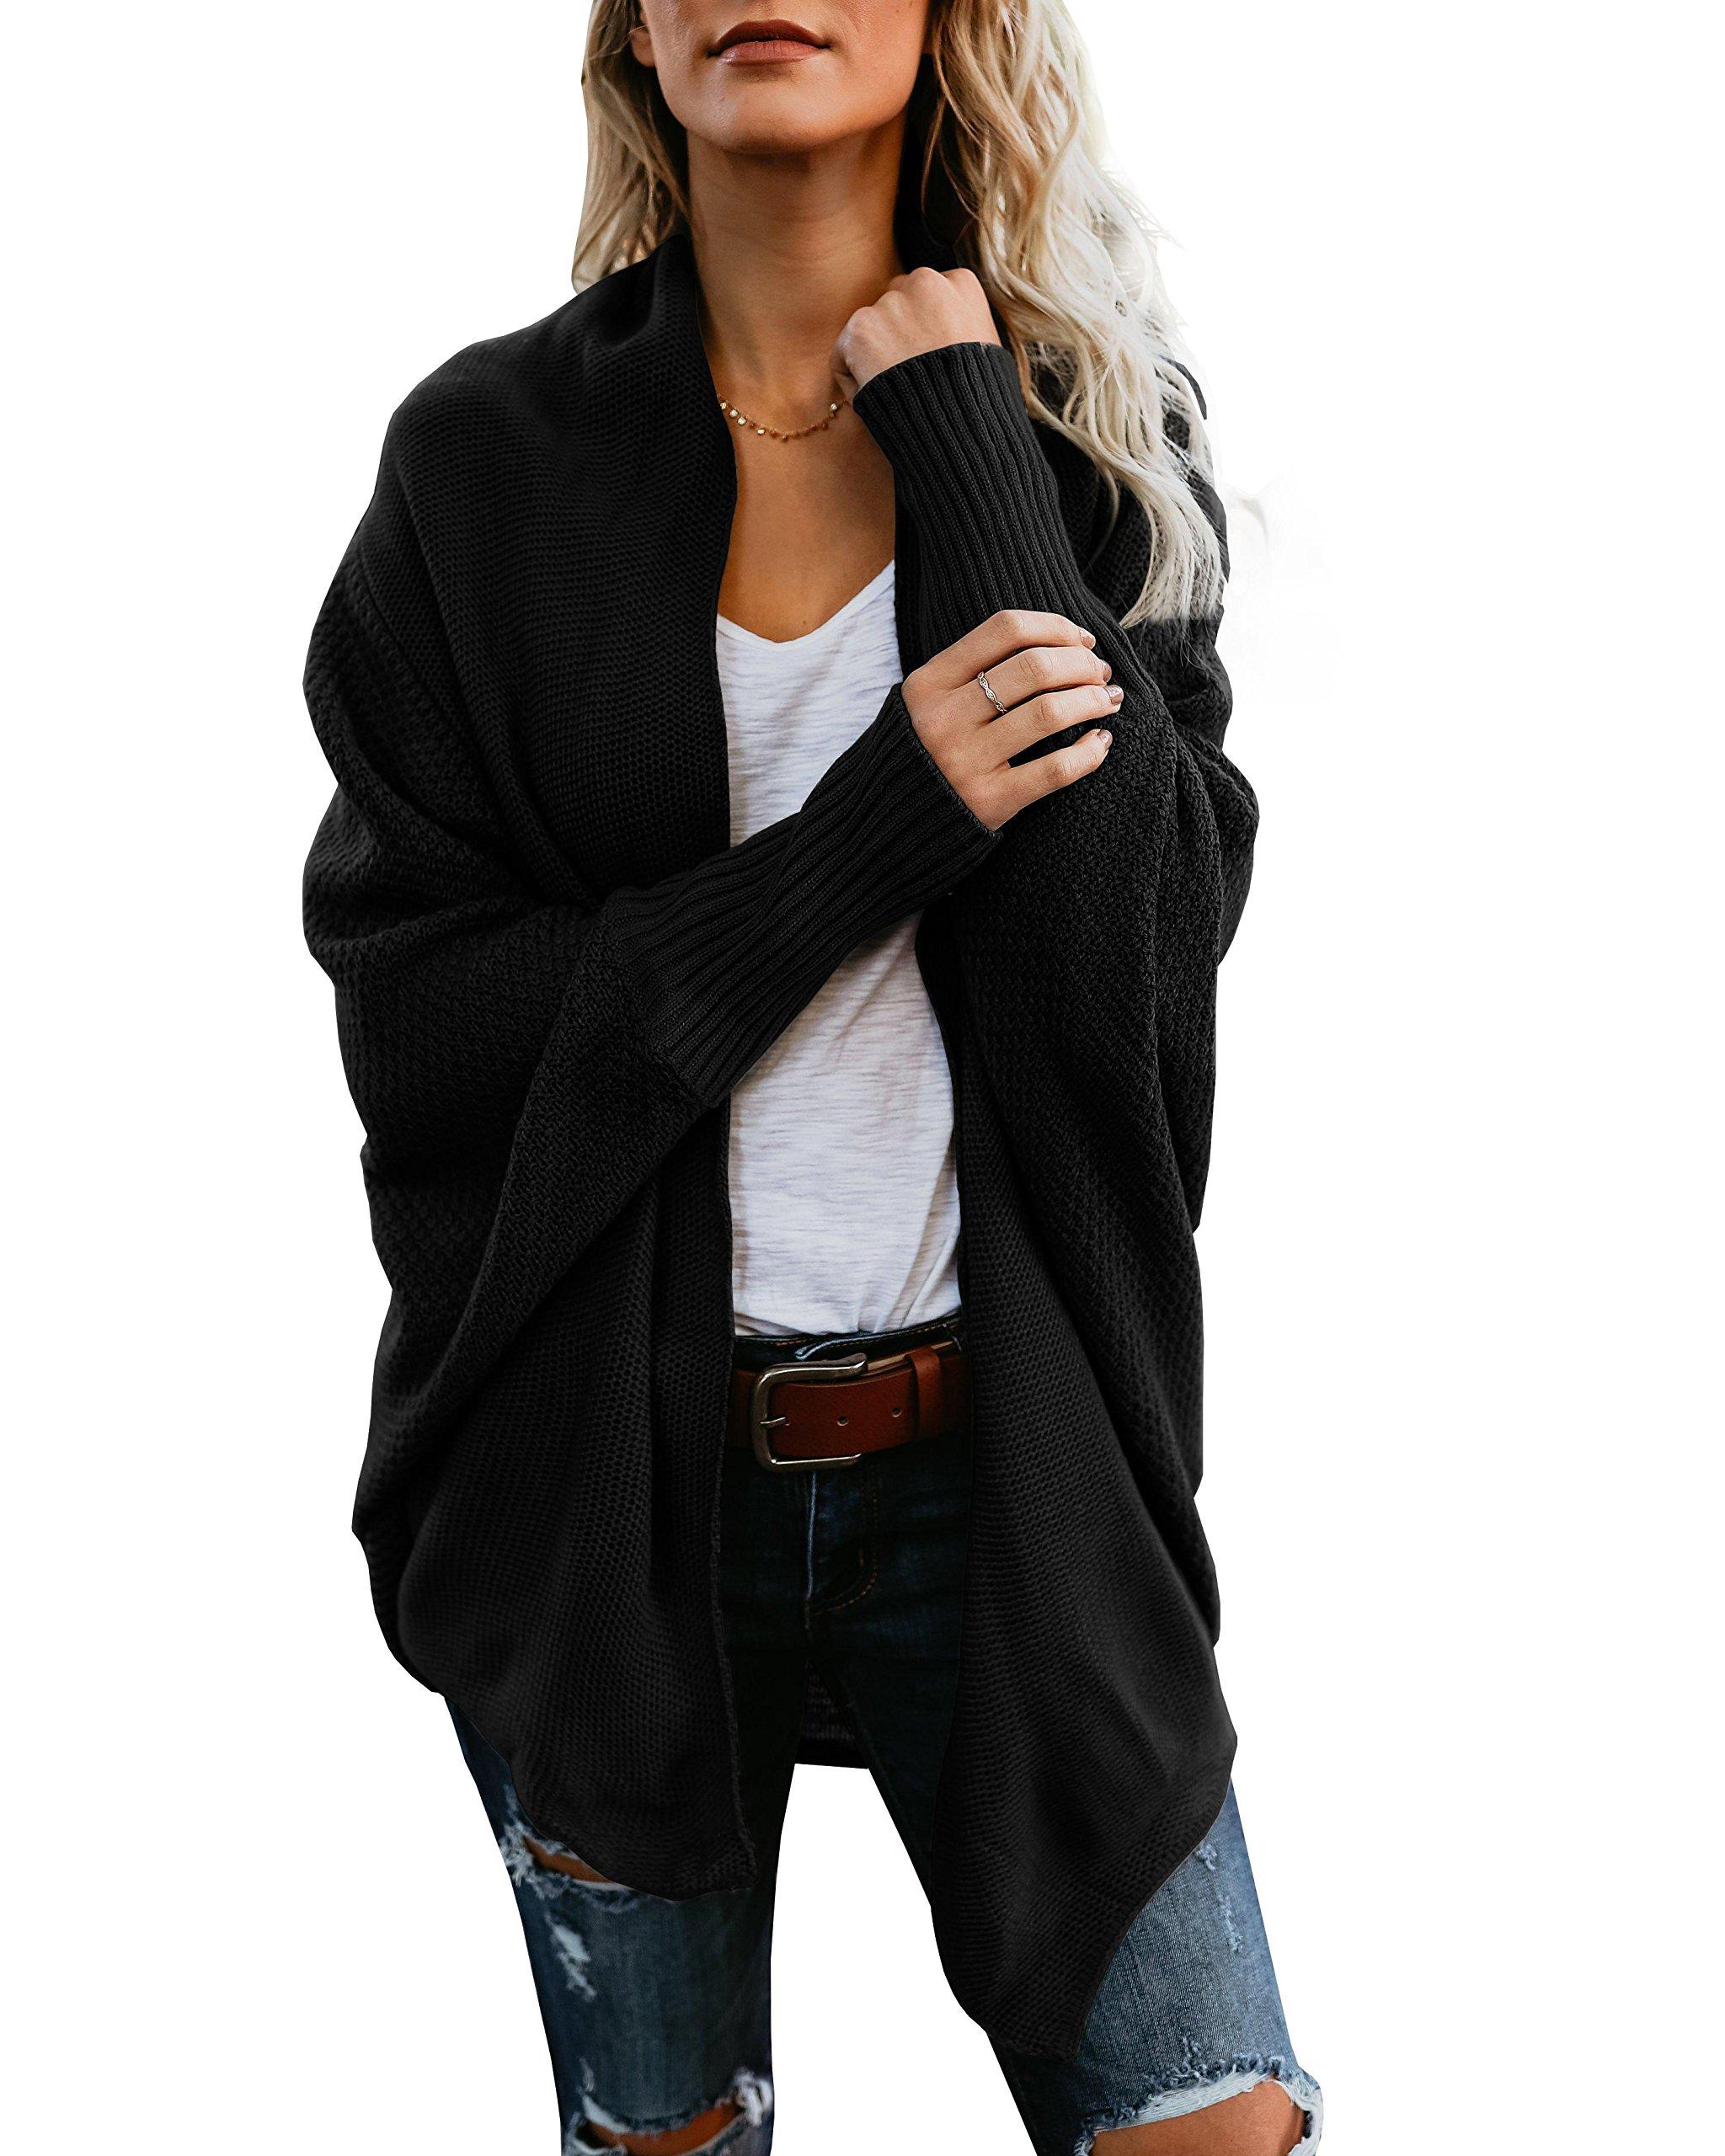 Womens Sweaters Open Cotton Cocoon Knit Long Batwing Sleeve Knitwear Cardigans